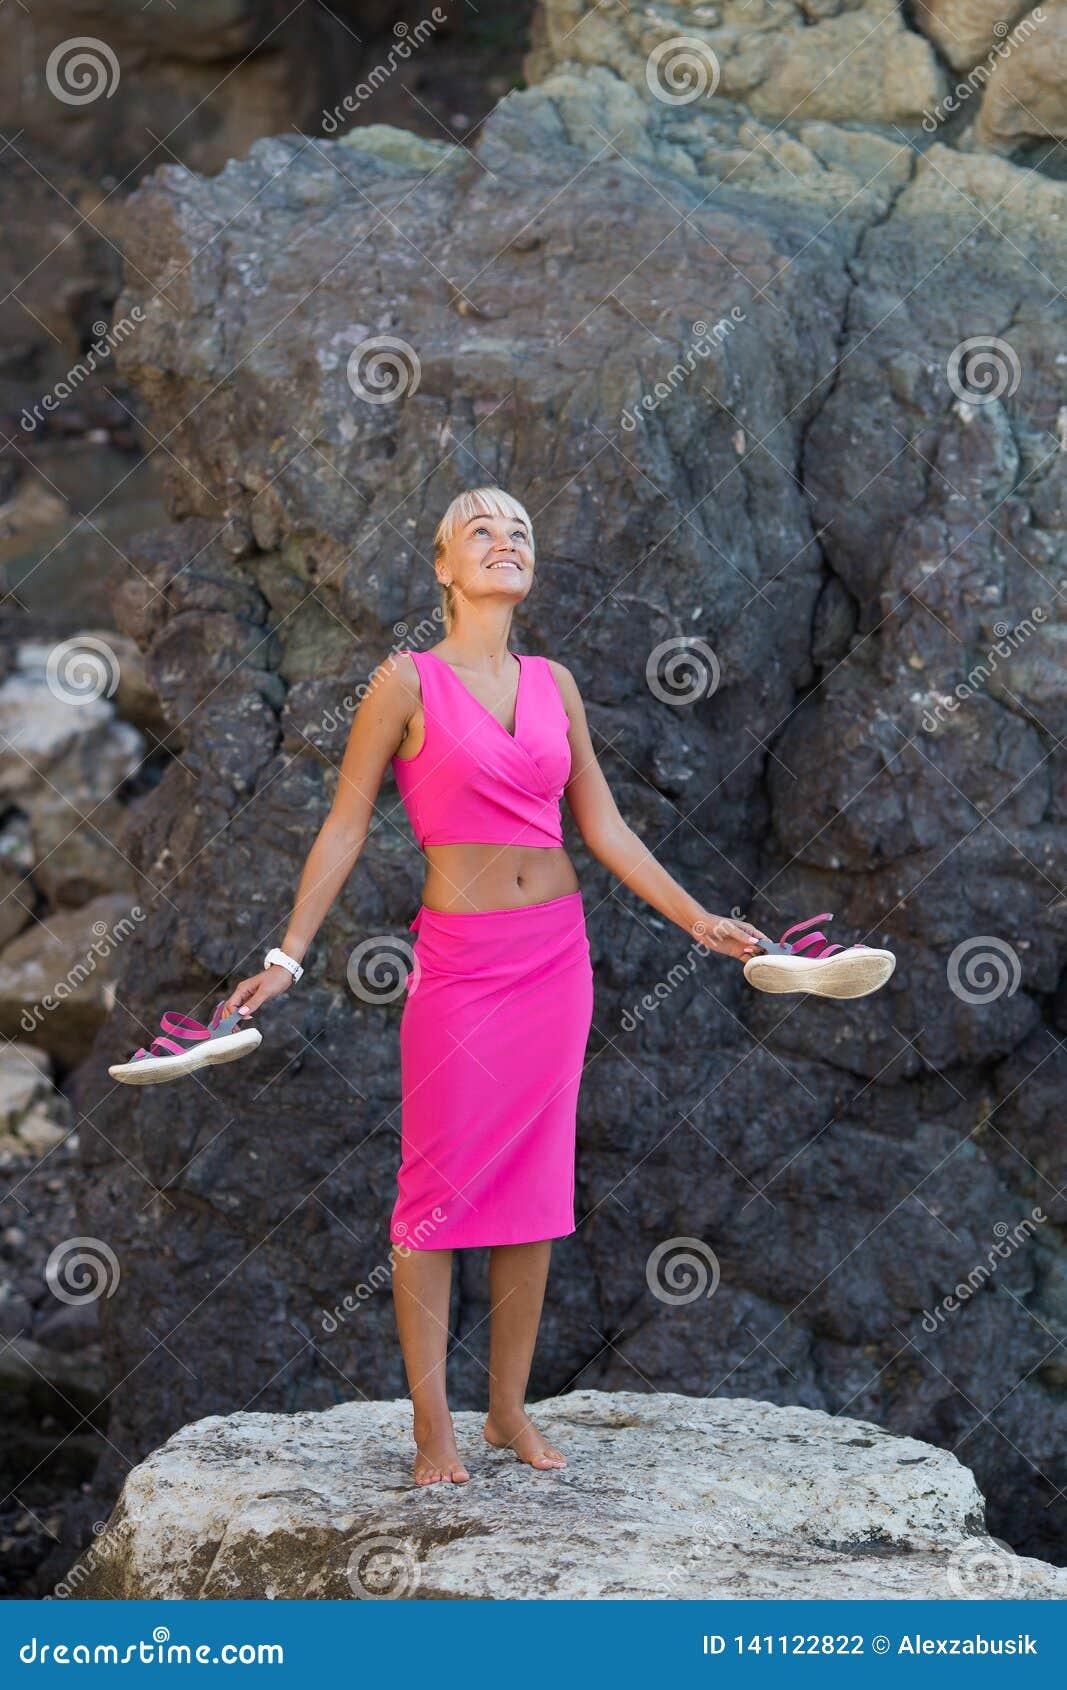 Personne féminine d une chevelure blonde bronzée se reposant à l endroit reculé du bord de la mer rocheux sauvage